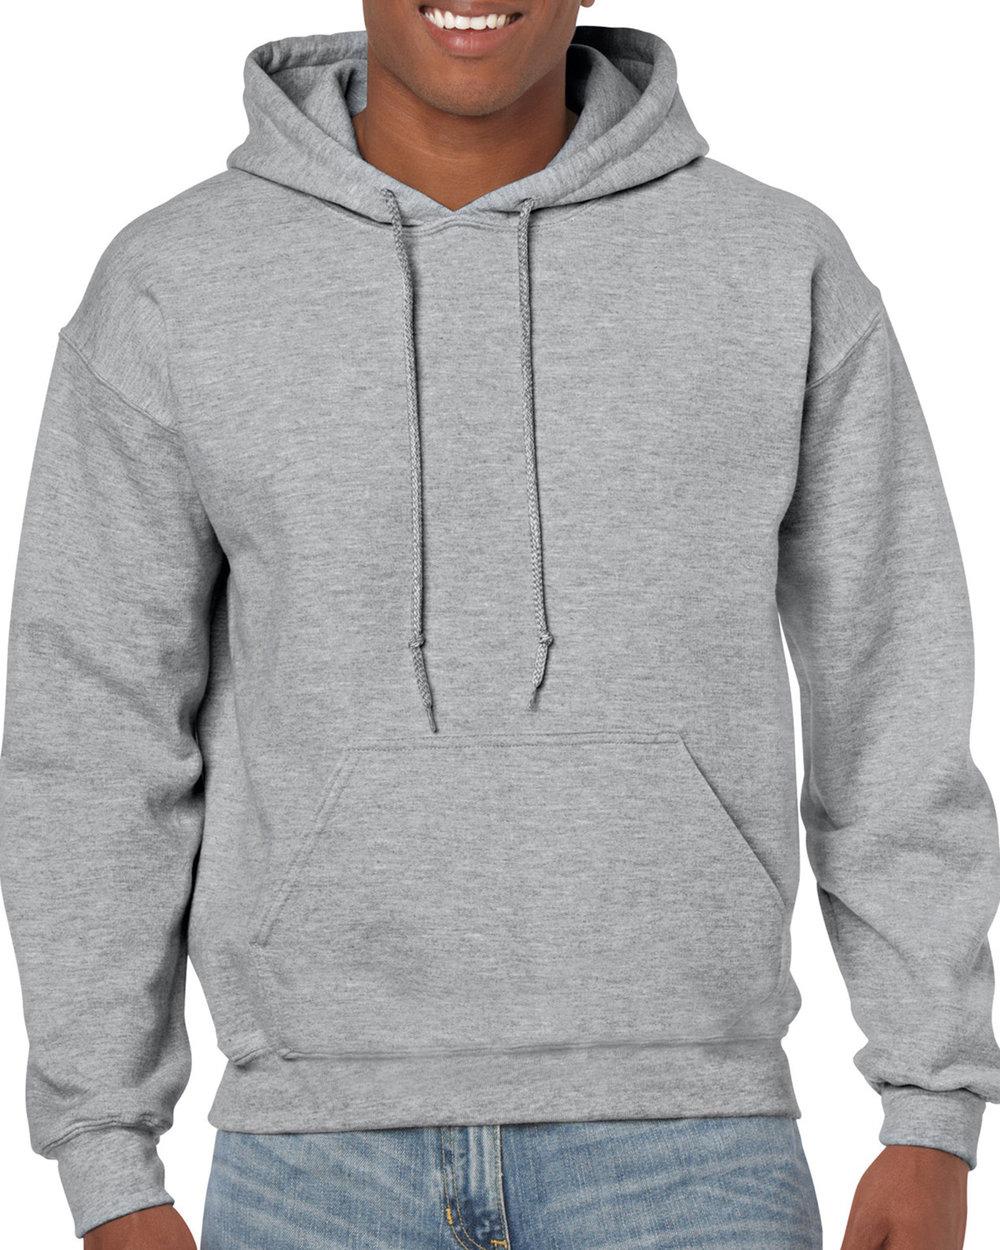 man wearing gildan hoodie